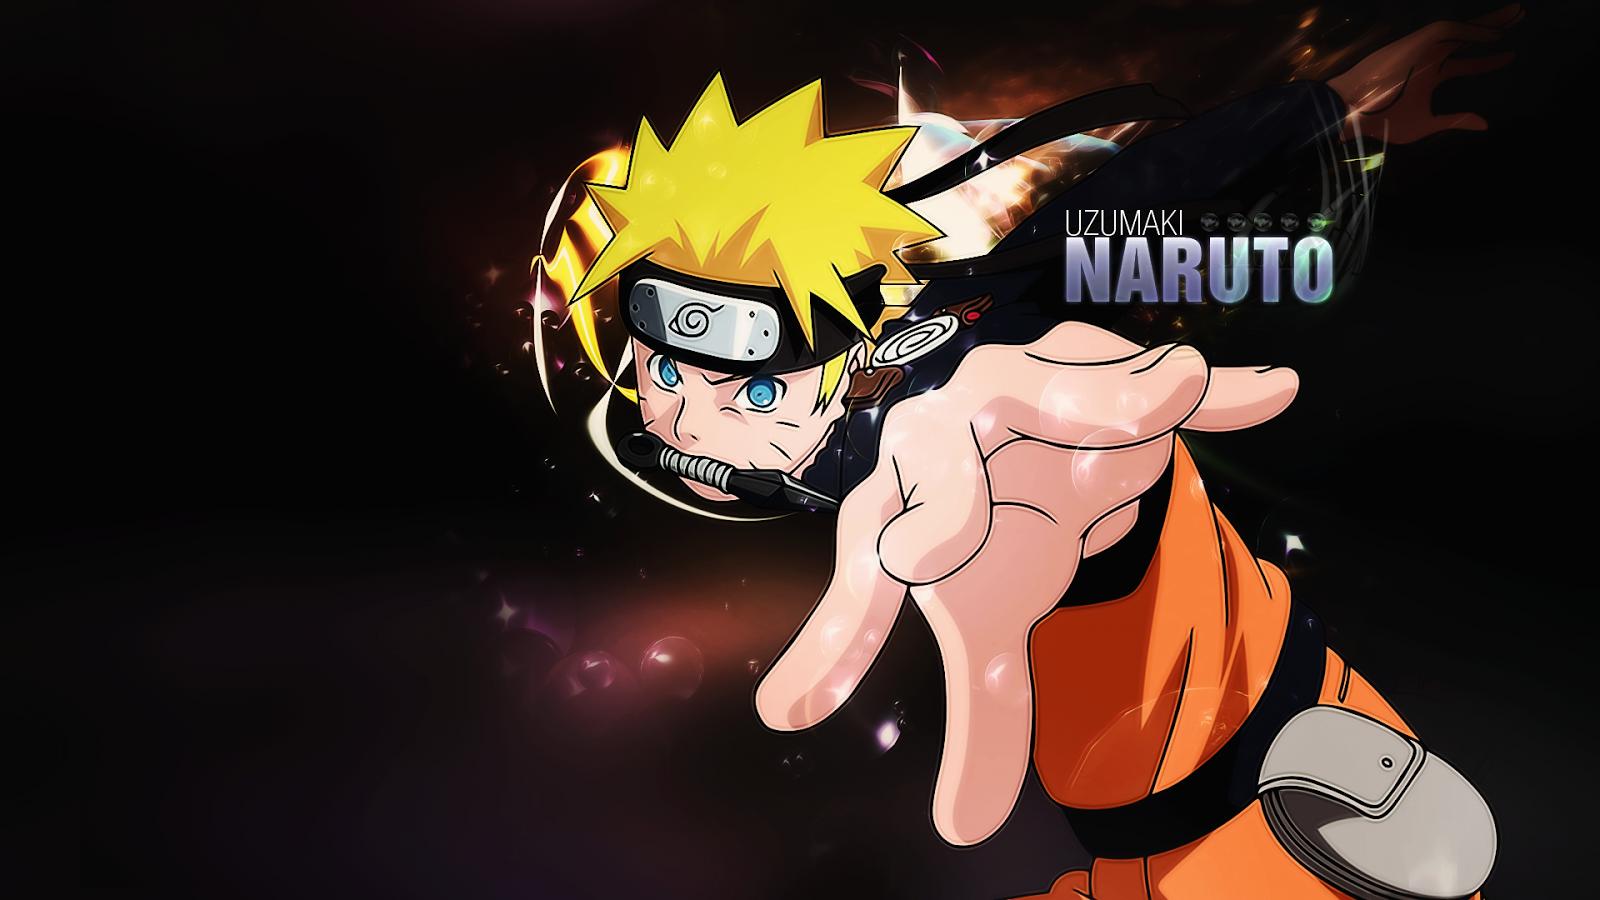 Beautiful Wallpaper Mac Naruto - Naruto+Shippuden+Wallpaper+HD  Trends_28180.png